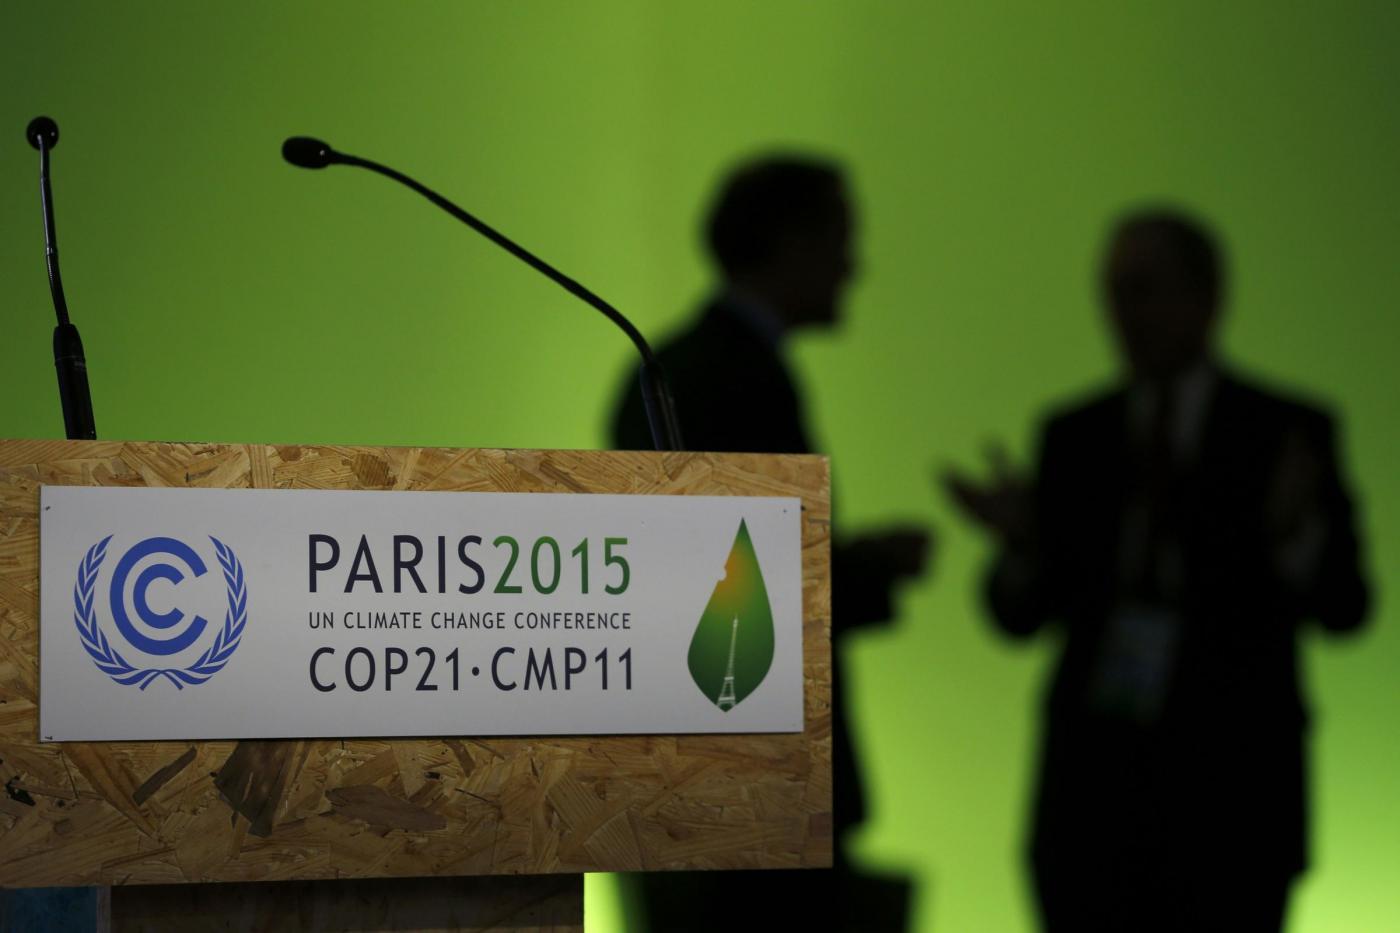 Clima ecco la nuova bozza dell 39 accordo di parigi - Bozza compromesso ...